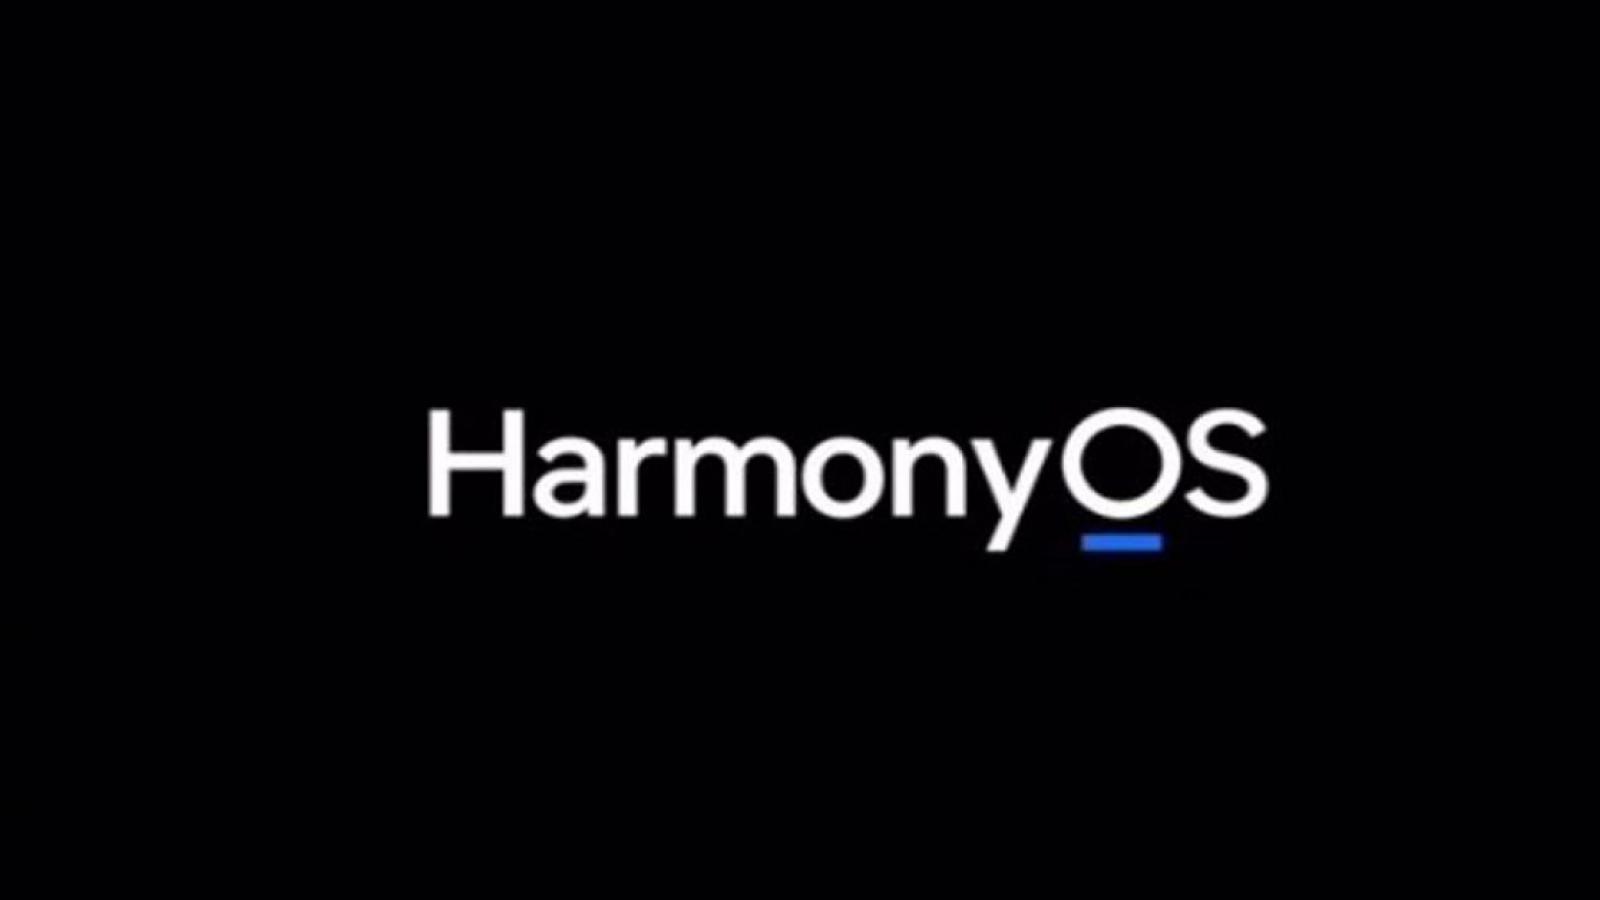 harmonyos-portada-lanzamiento